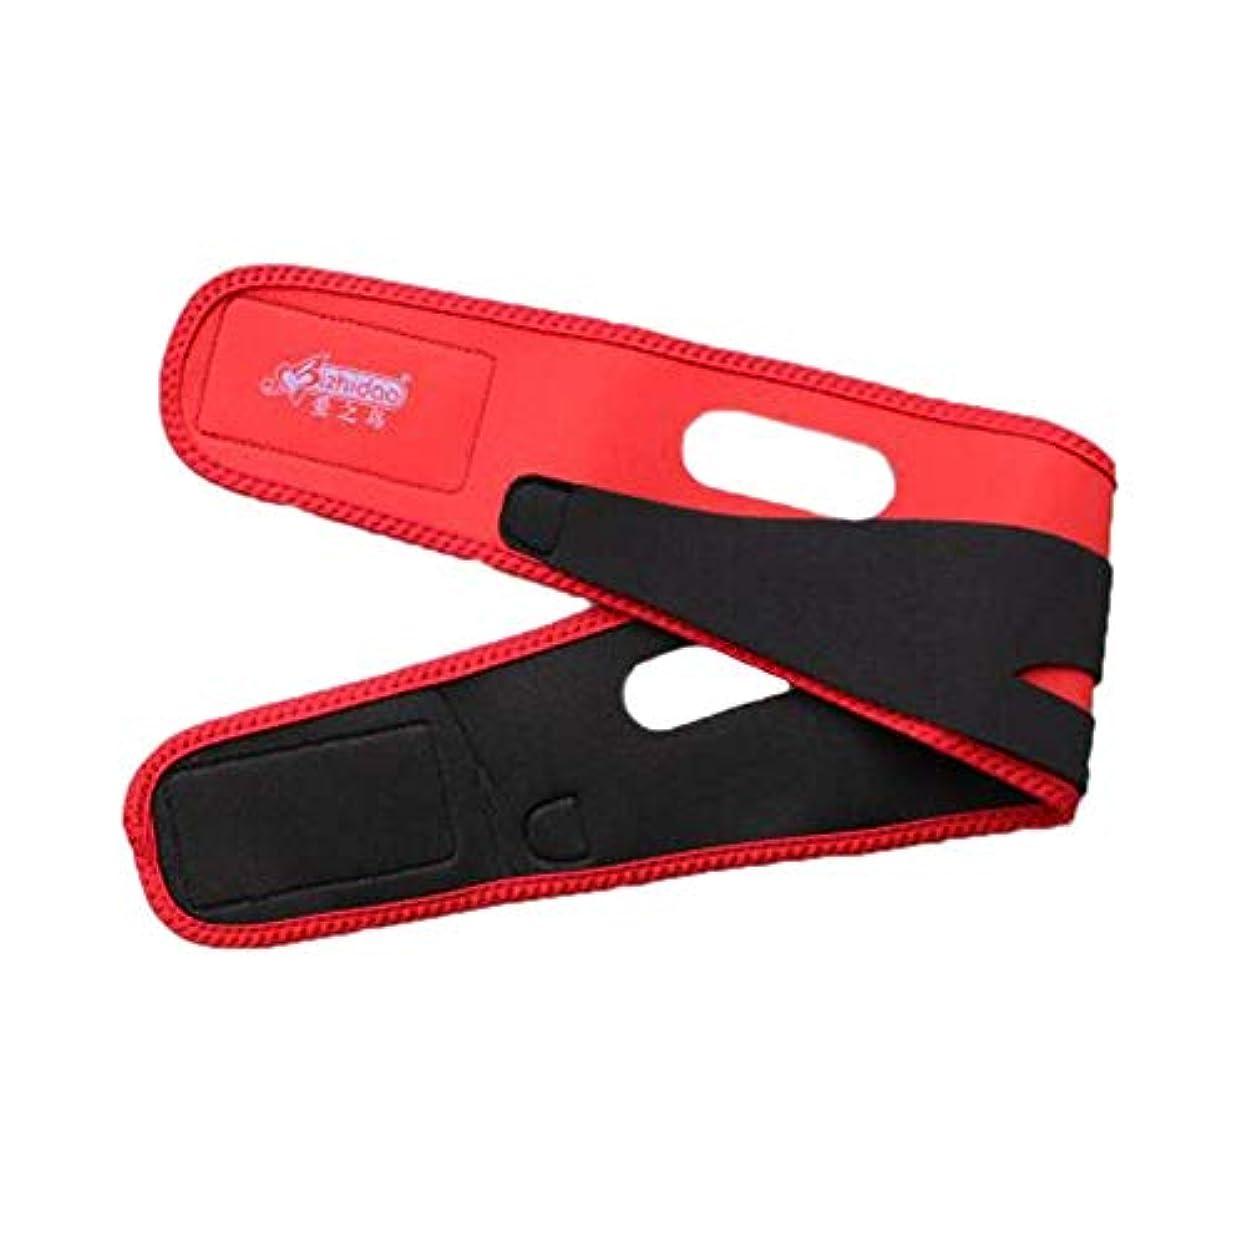 押し下げる便宜知的フェイススリミングバンデージ、ダブルチンケア減量、フェイシャルリフティングバンデージ、フェイスマッサージマスク、ダブルチンストラップ(フリーサイズ)(カラー:レッド),赤